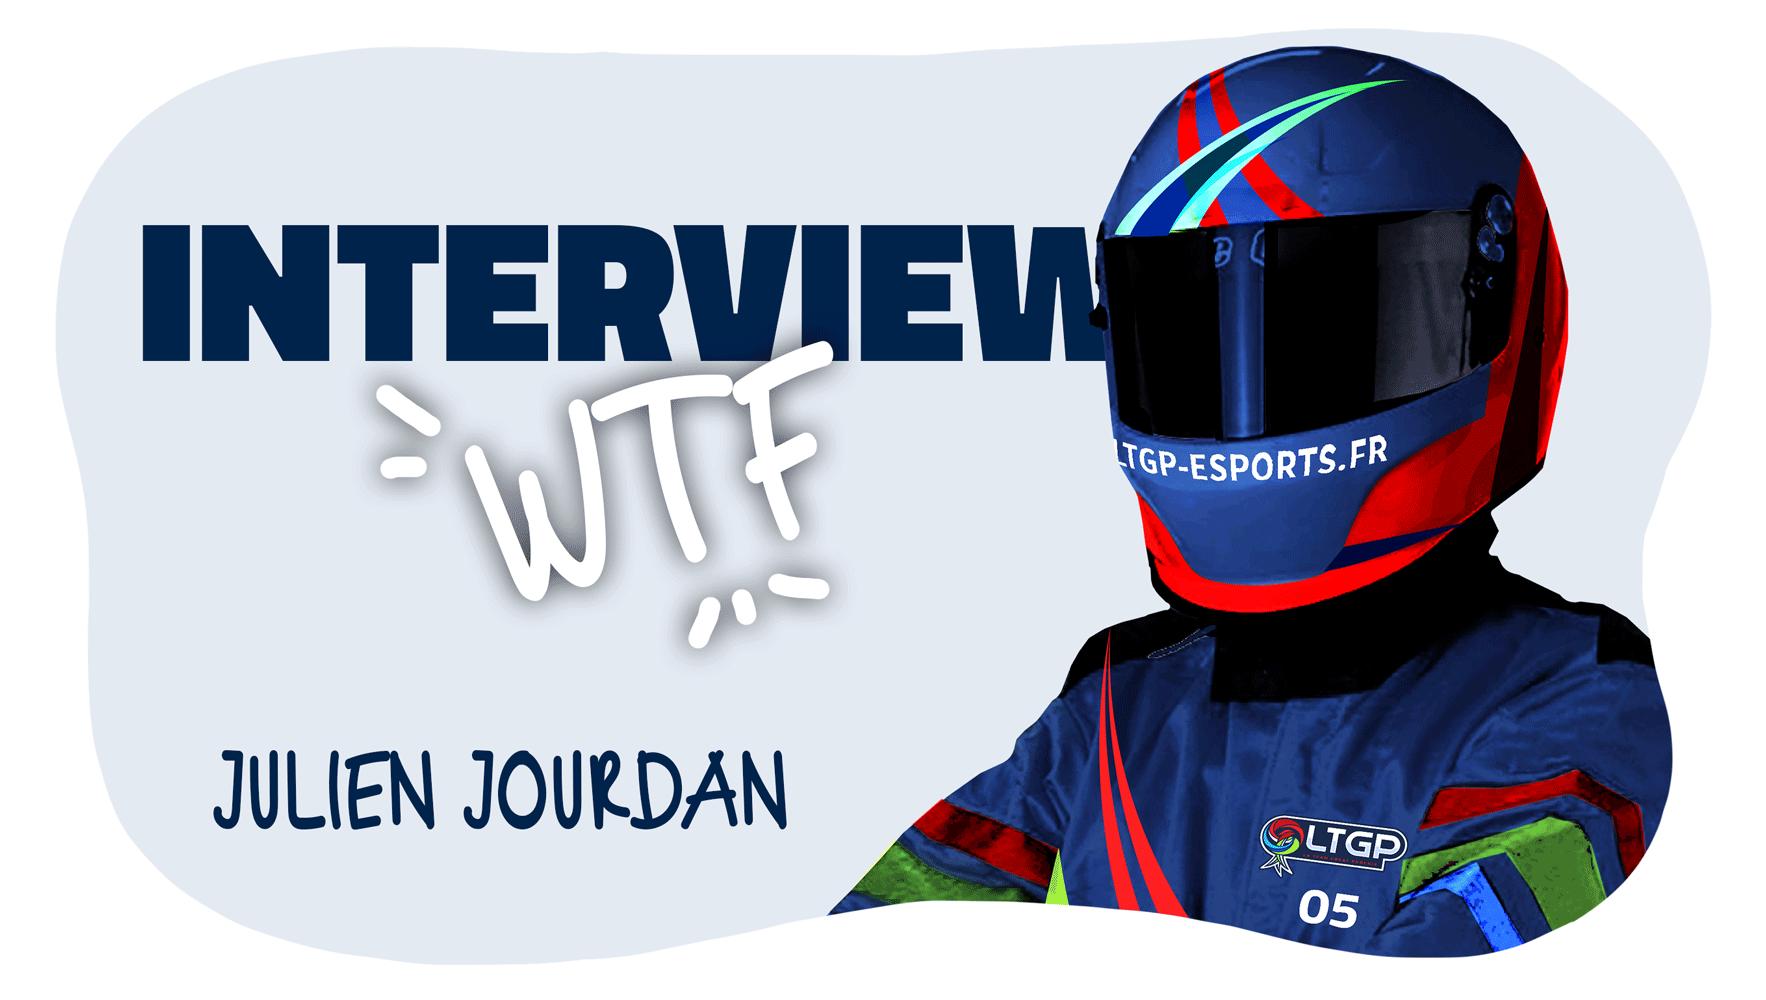 interview-rectangle-julien-jourdan